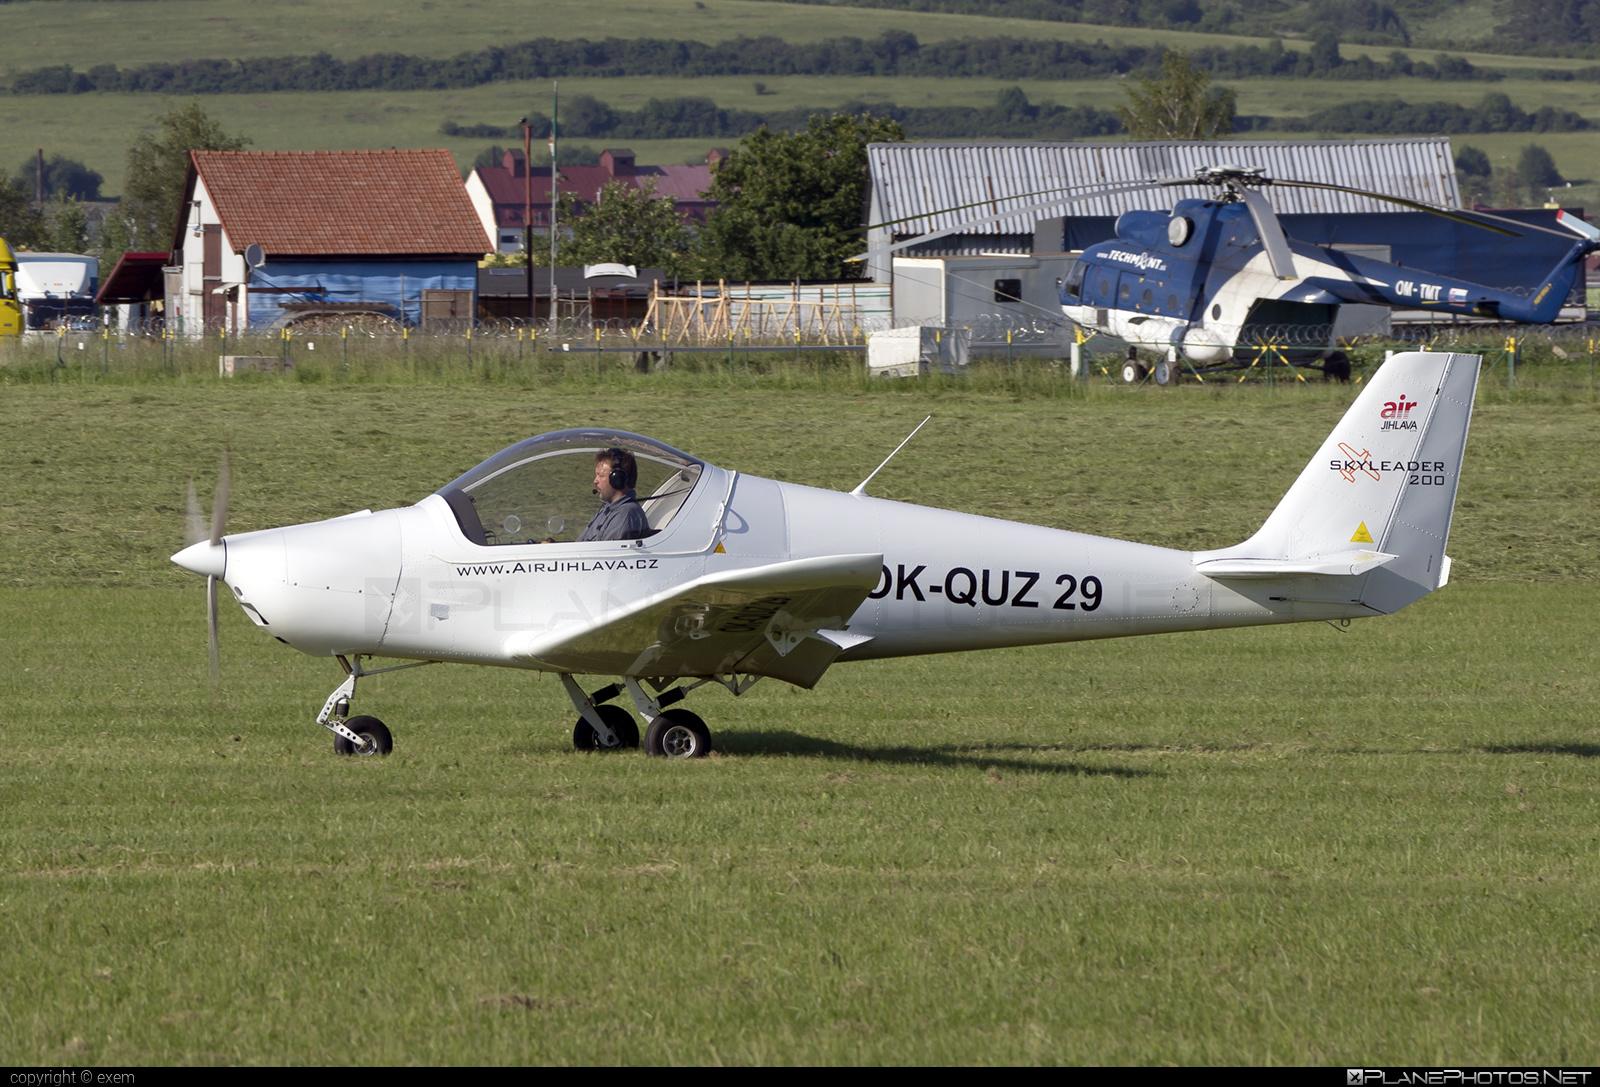 JIHLAVAN airplanes SKYLEADER 200 - OK-QUZ 29 operated by Air Jihlava - service s.r.o. #jihlavanairplanes